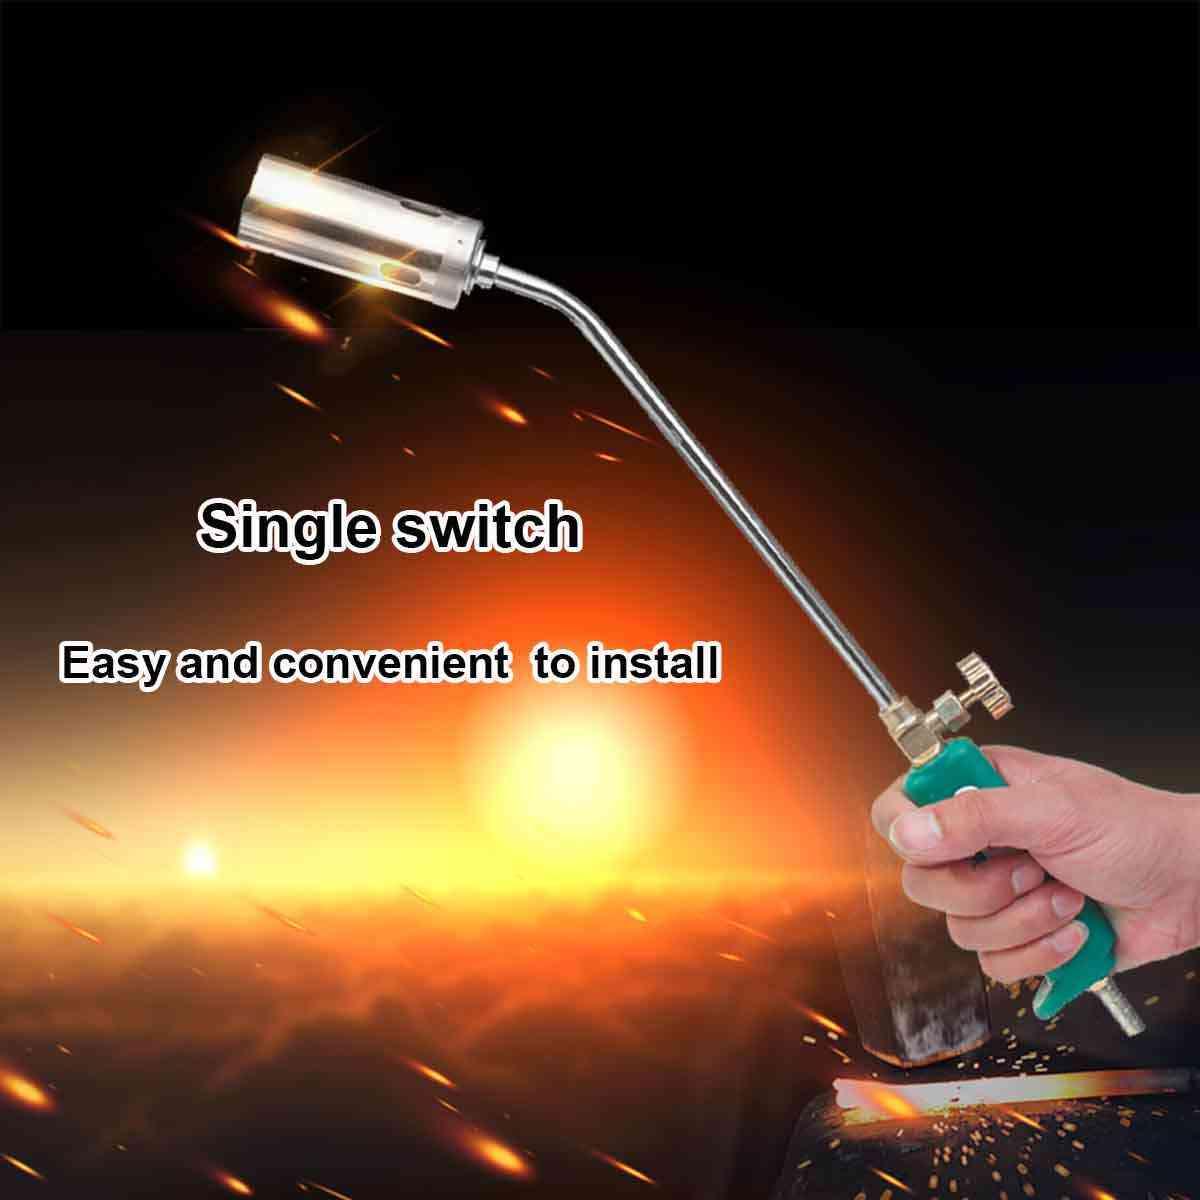 30 35 50 63 Mm Vòi Phun Công Tắc Đơn Propane Gas Butane Làm Nóng Đèn Pin Khí Hóa Lỏng Phun Dụng Cụ + 2 Mét ống Hàn Vật Dụng